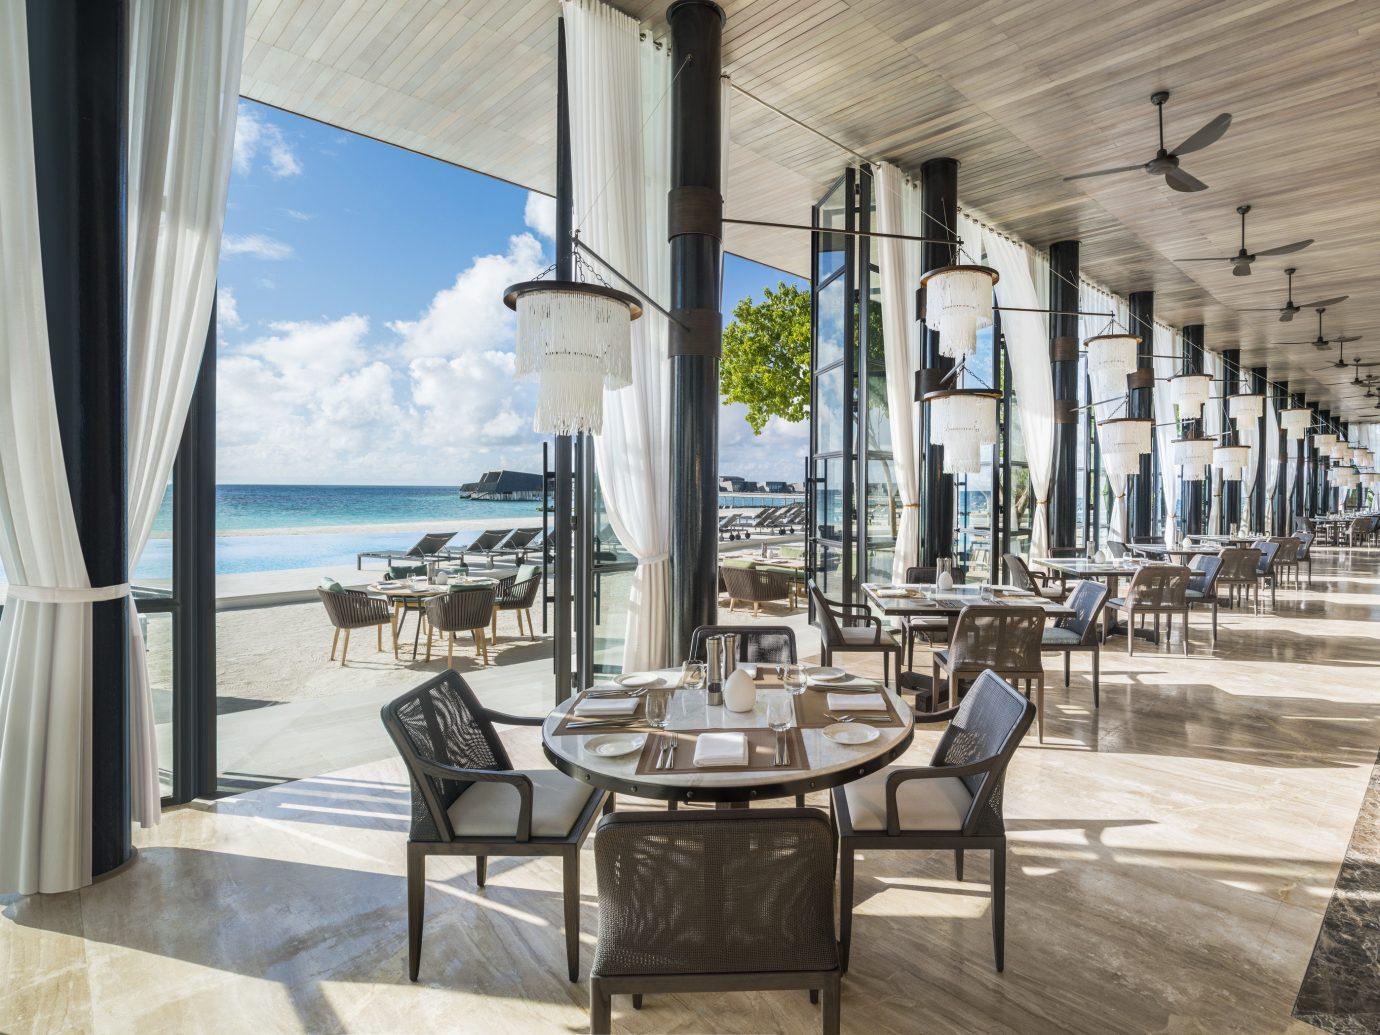 Hotels floor chair property indoor room estate condominium interior design home real estate apartment furniture day